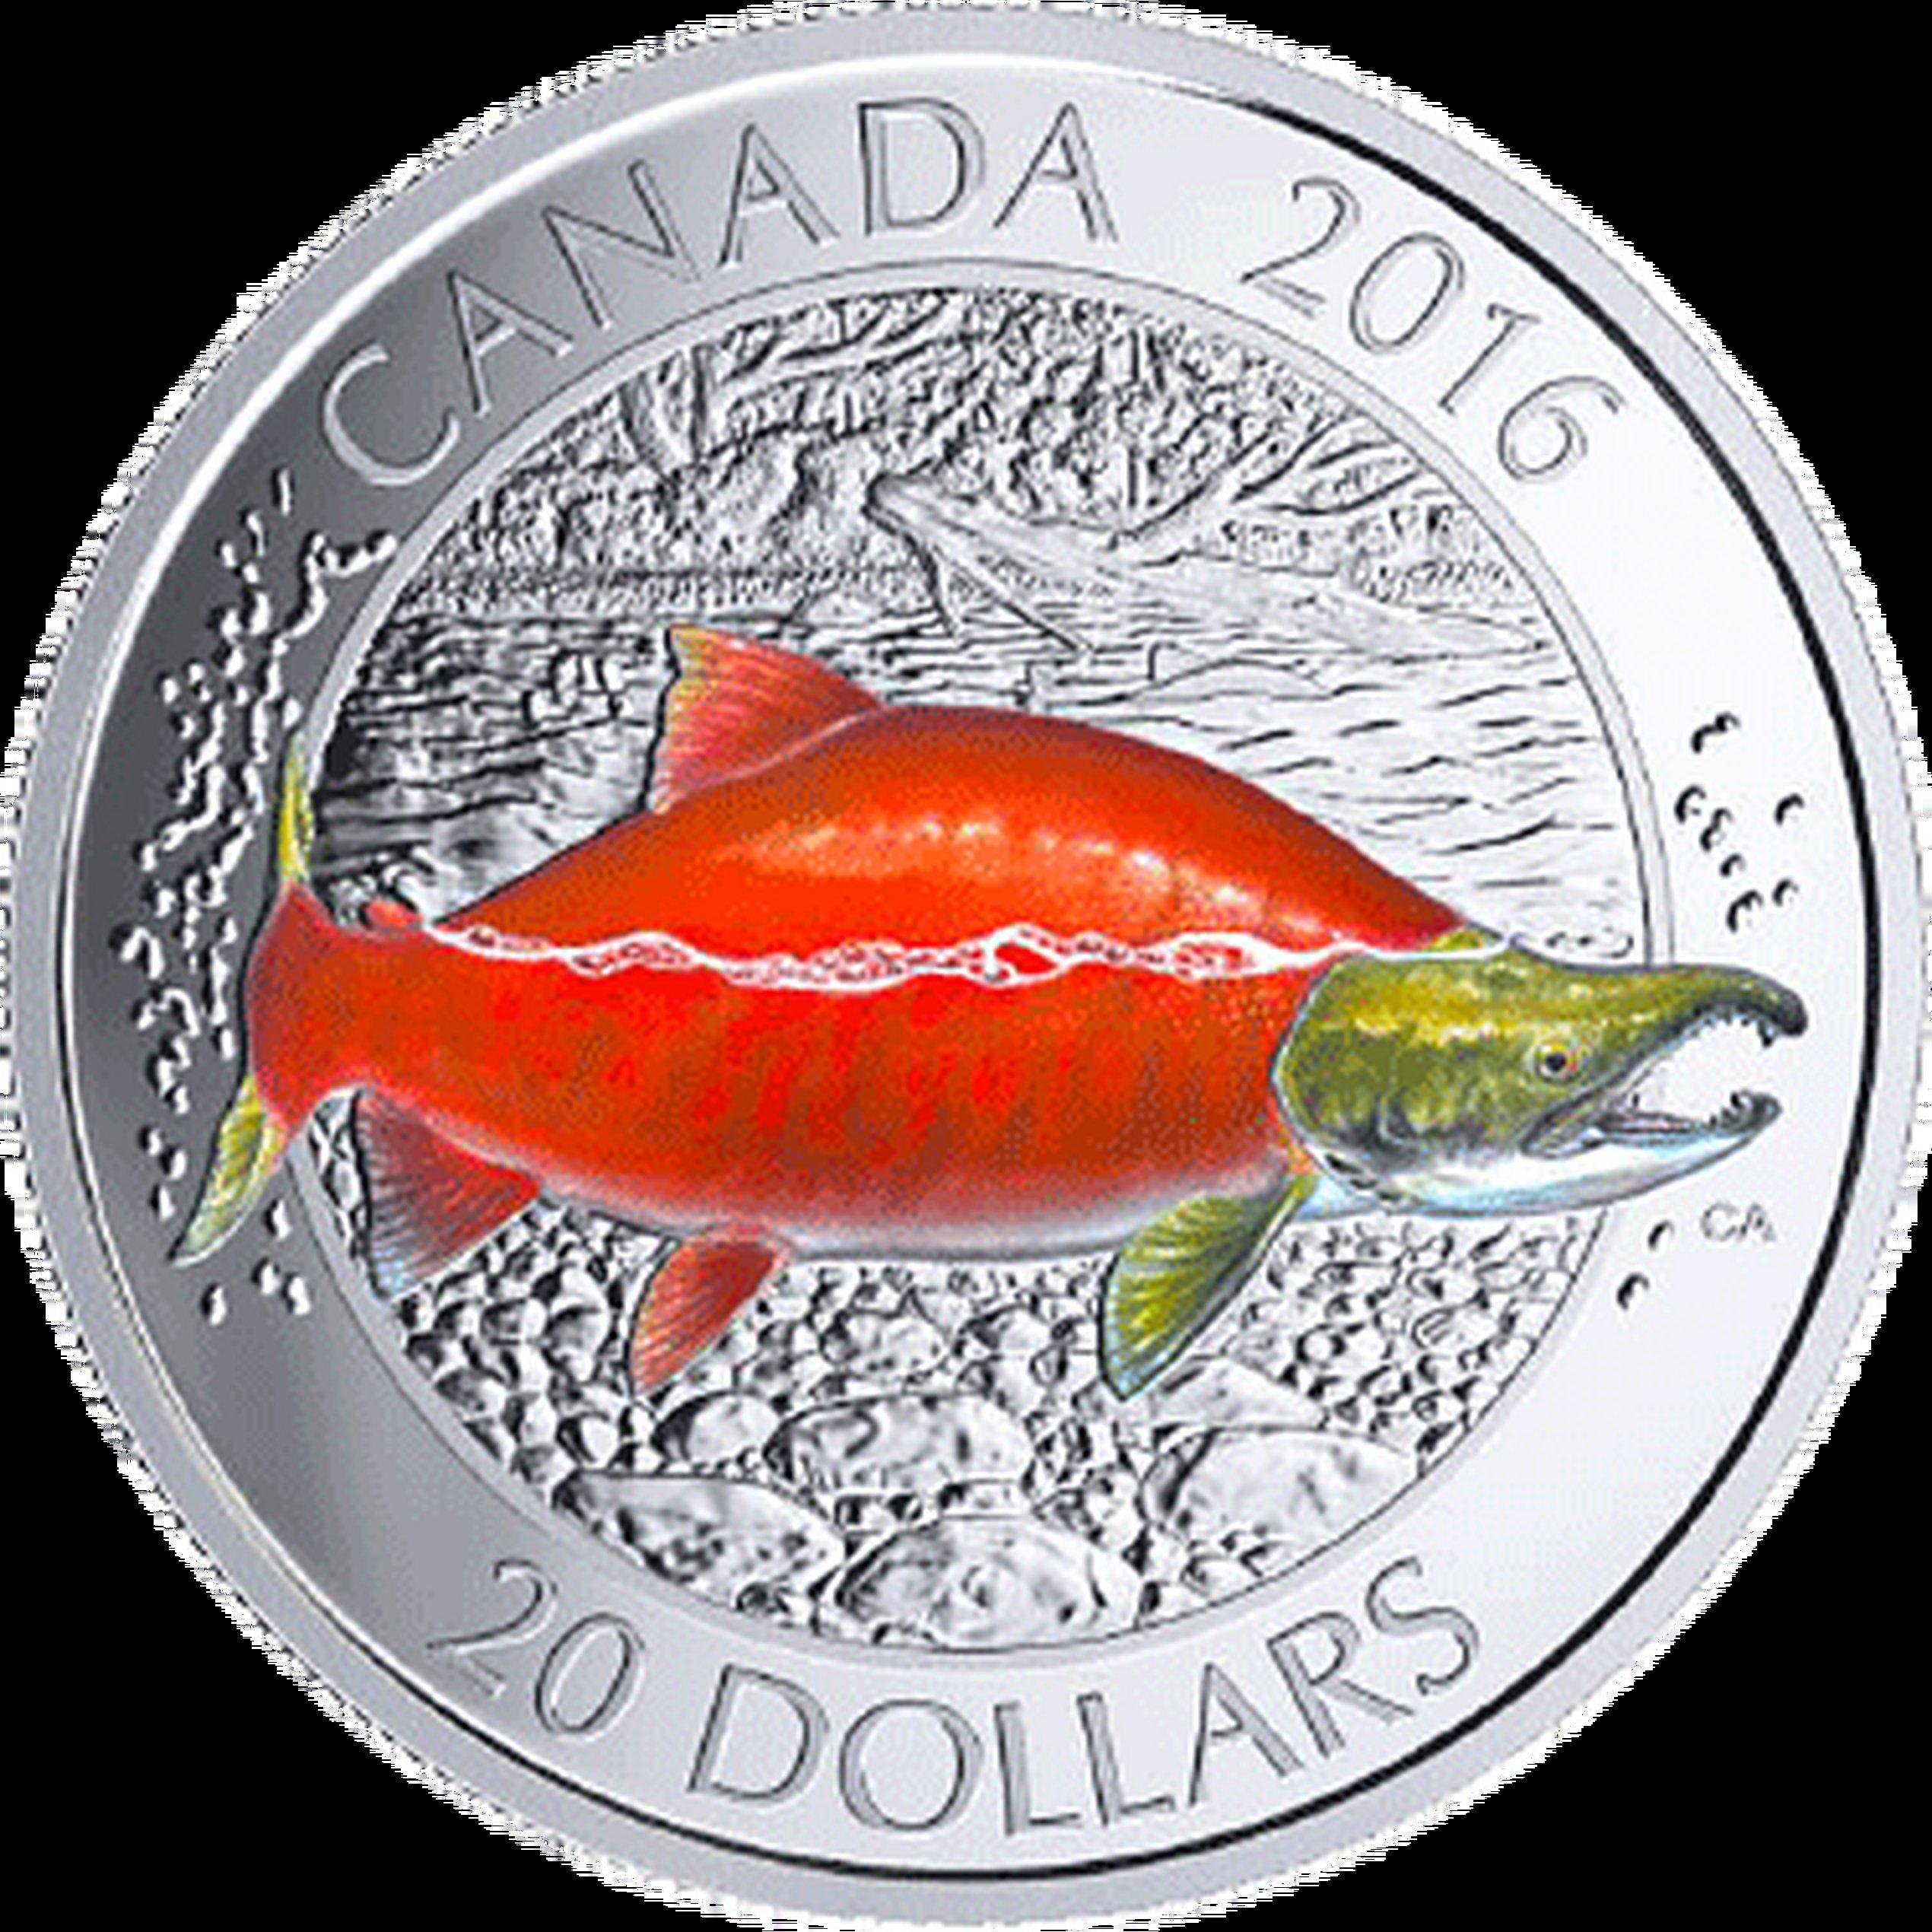 20 Cad Silber Kanada Kanadische Lachse Der Rotlachs Münzen